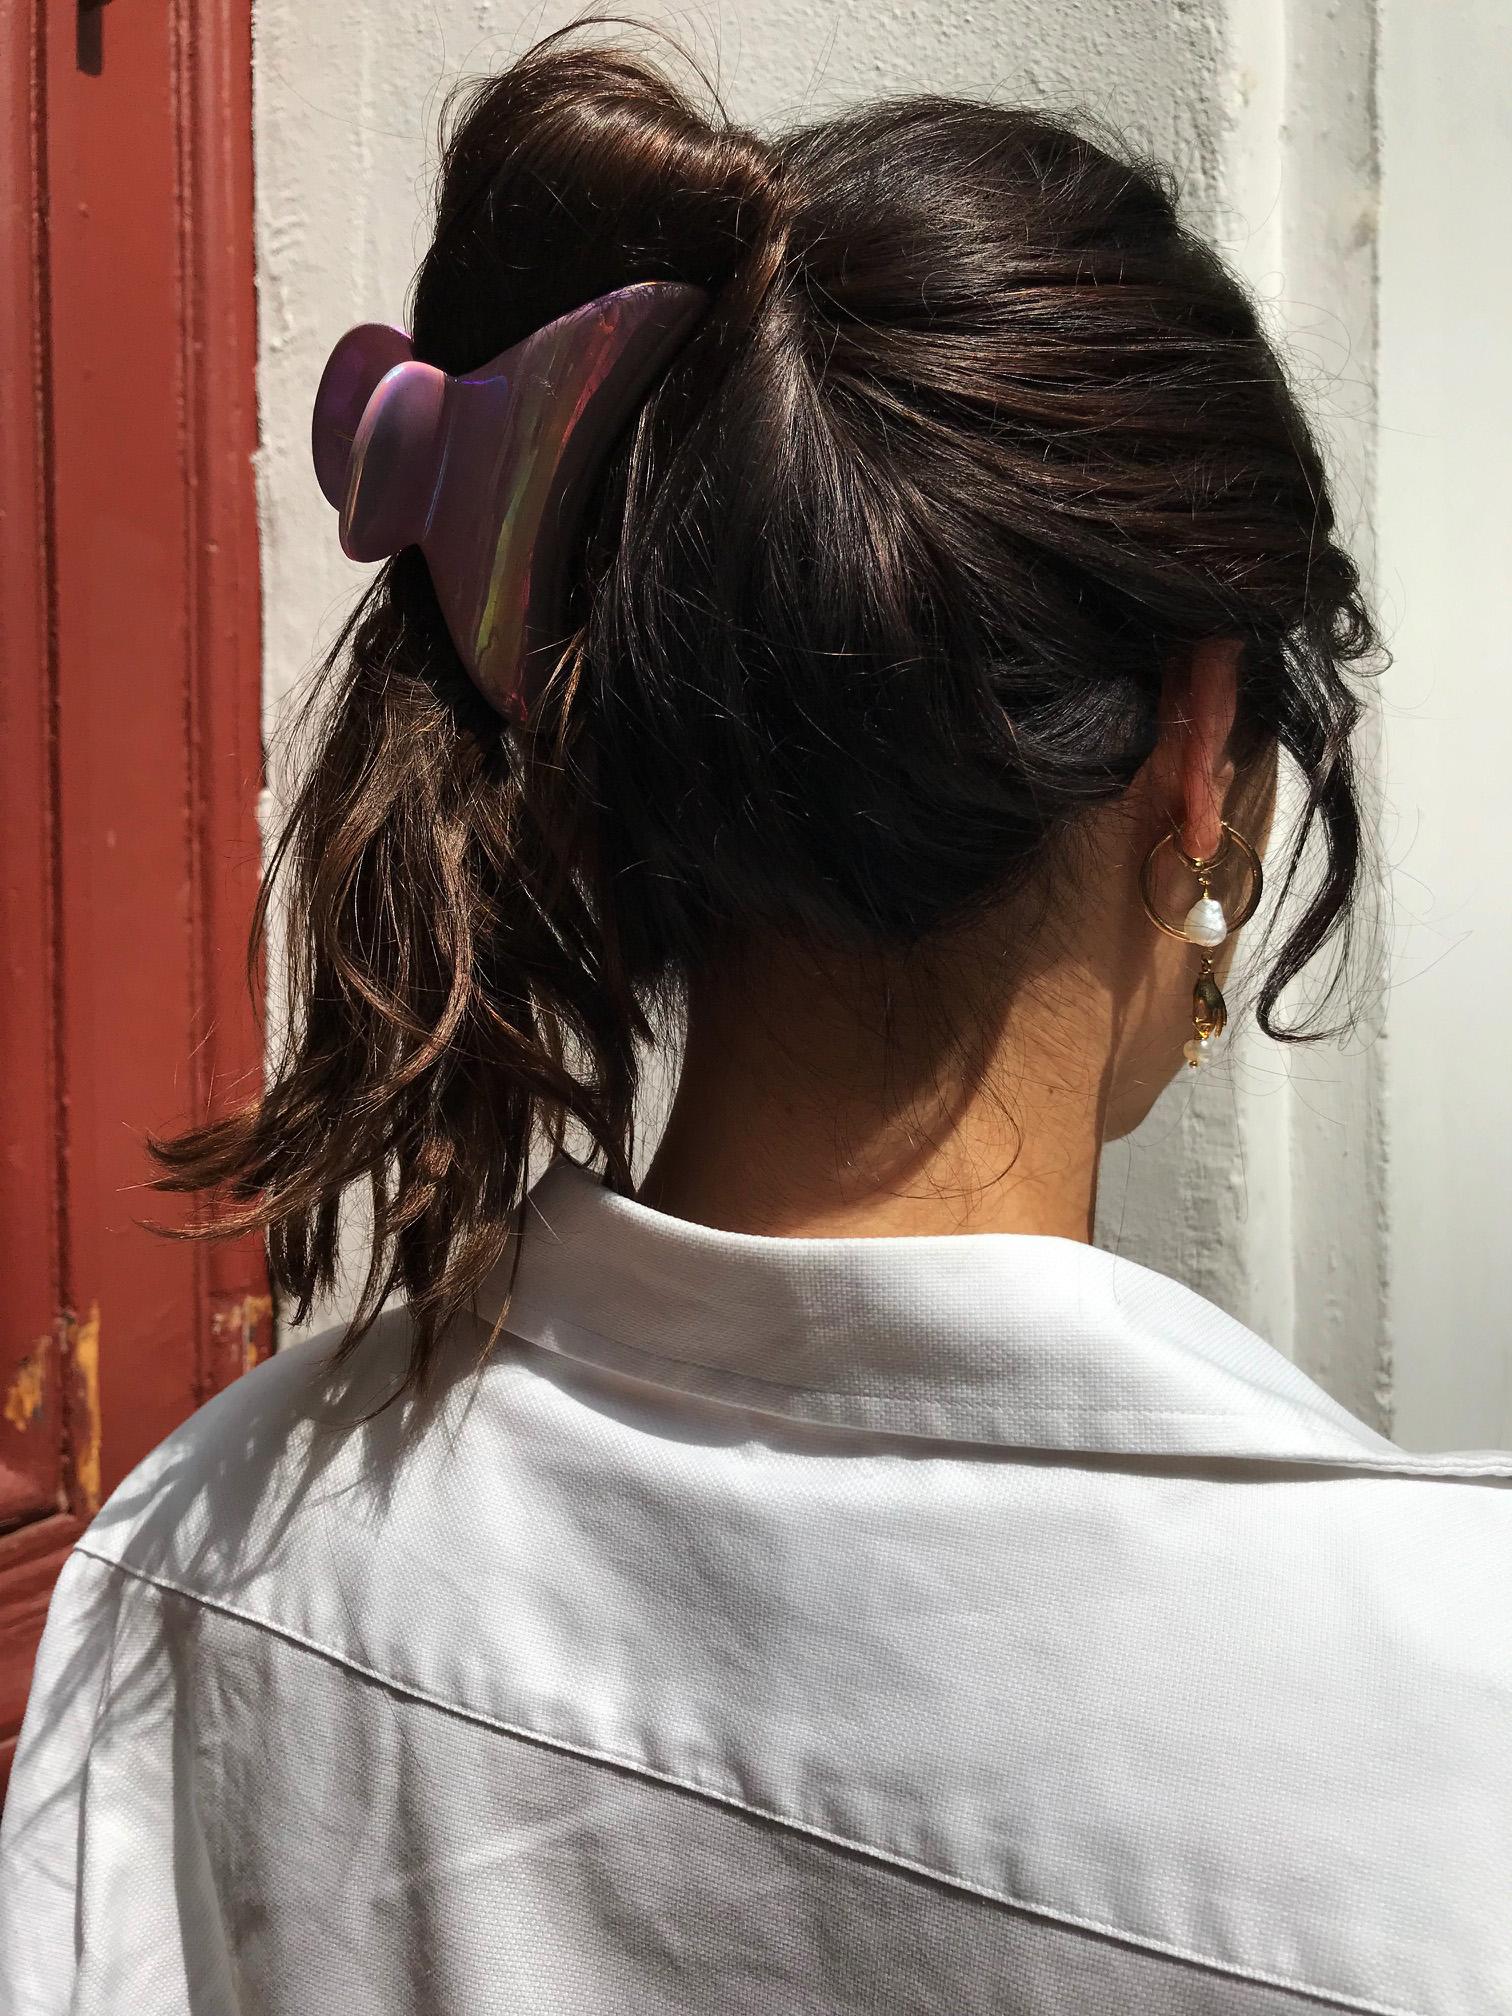 Die Helmfrisuren Saison Ist Eroffnet Und Das Haar Dilemma Beginnt